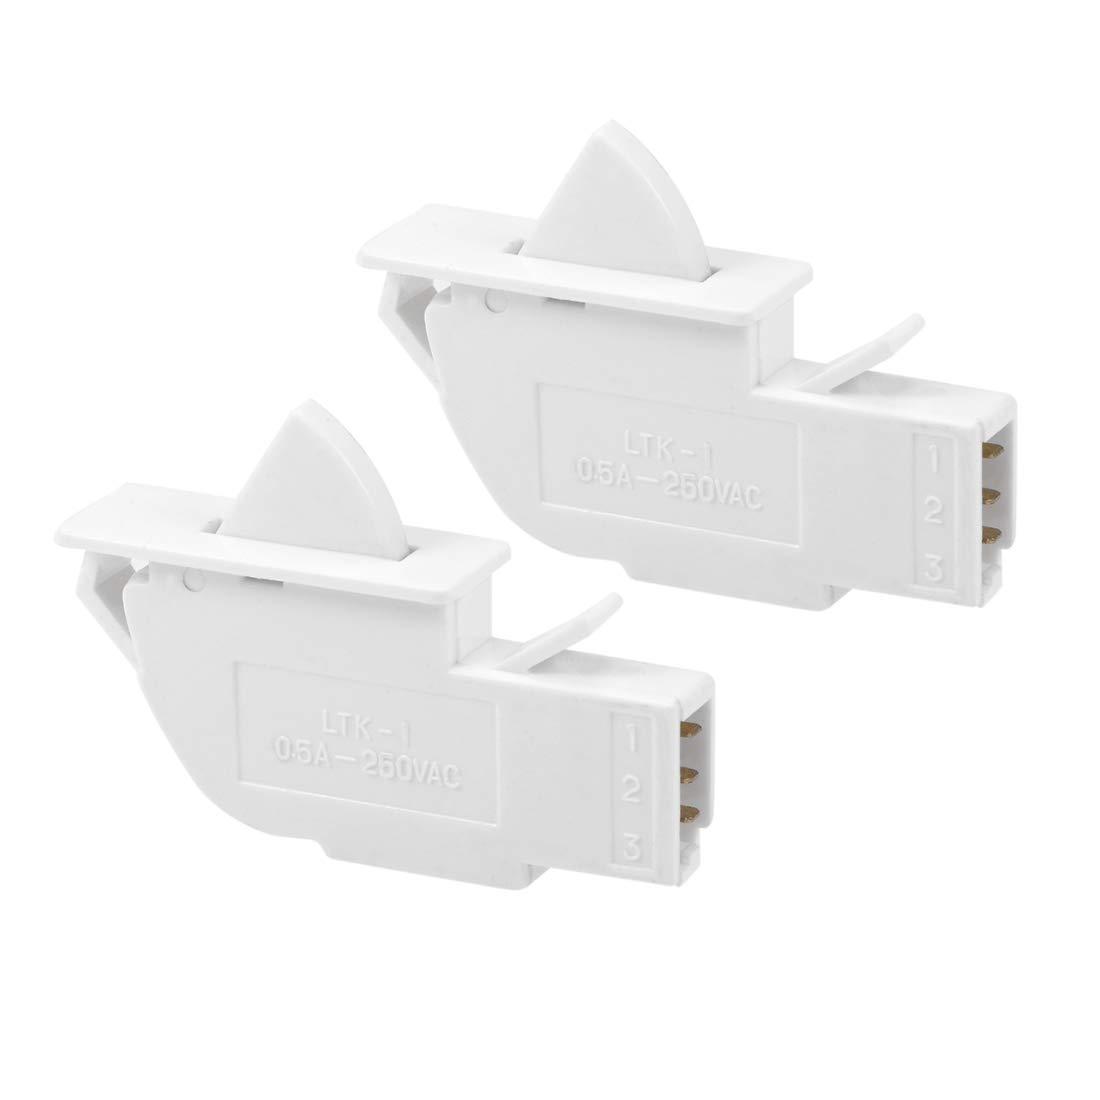 uxcell Interruptor de luz para puerta de refrigerador LTK-1 ...